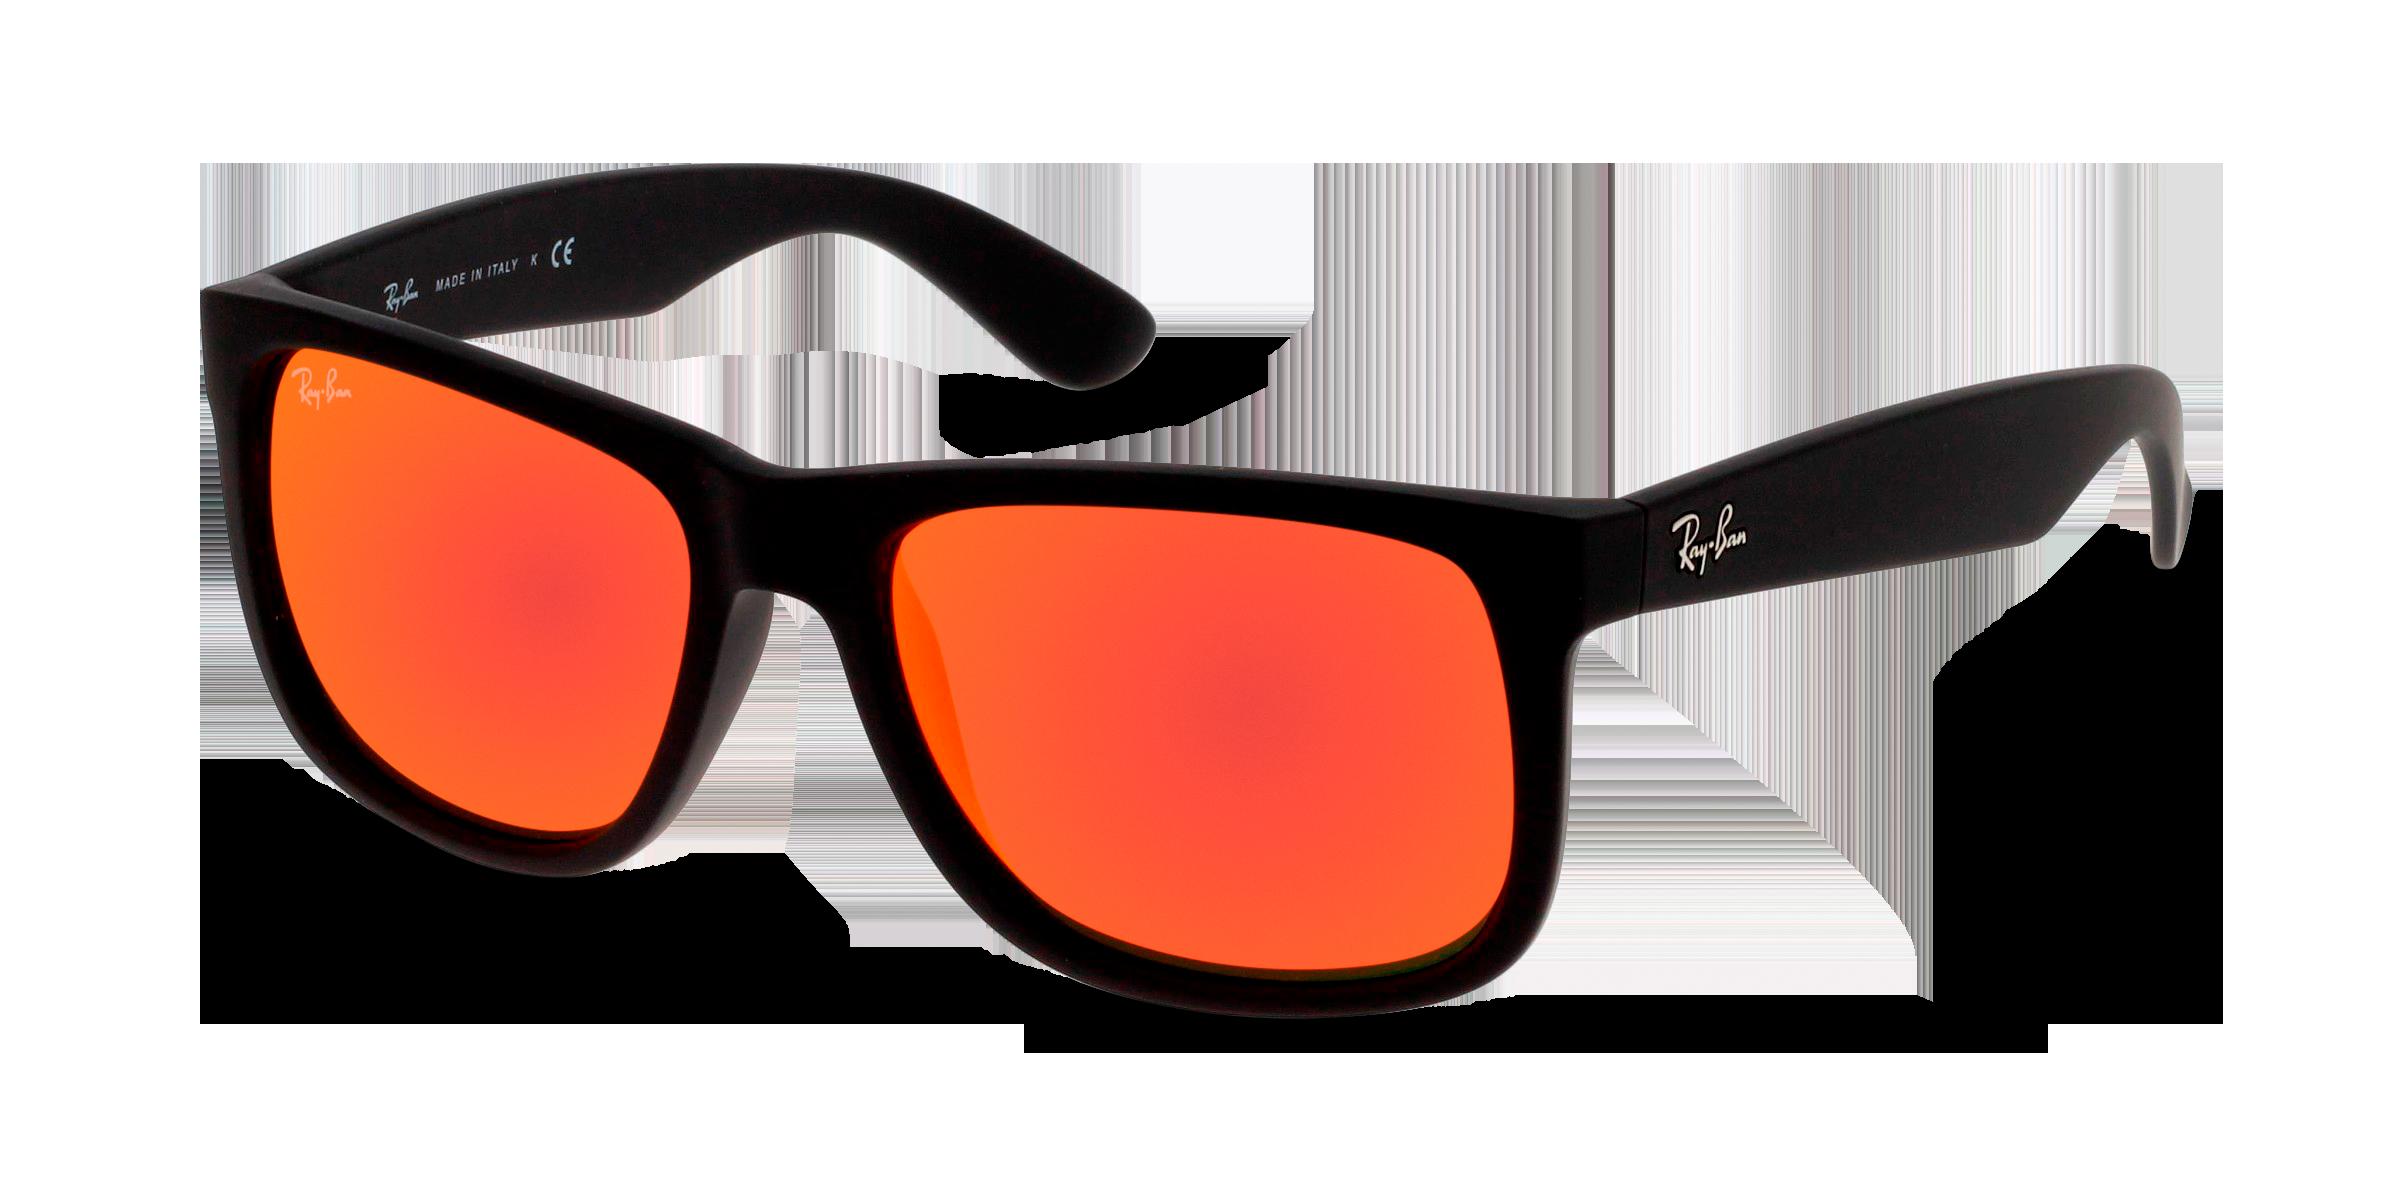 Angle_Left01 Ray-Ban Ray-Ban 0RB4165 622/6Q 54/16 Zwart/Oranje